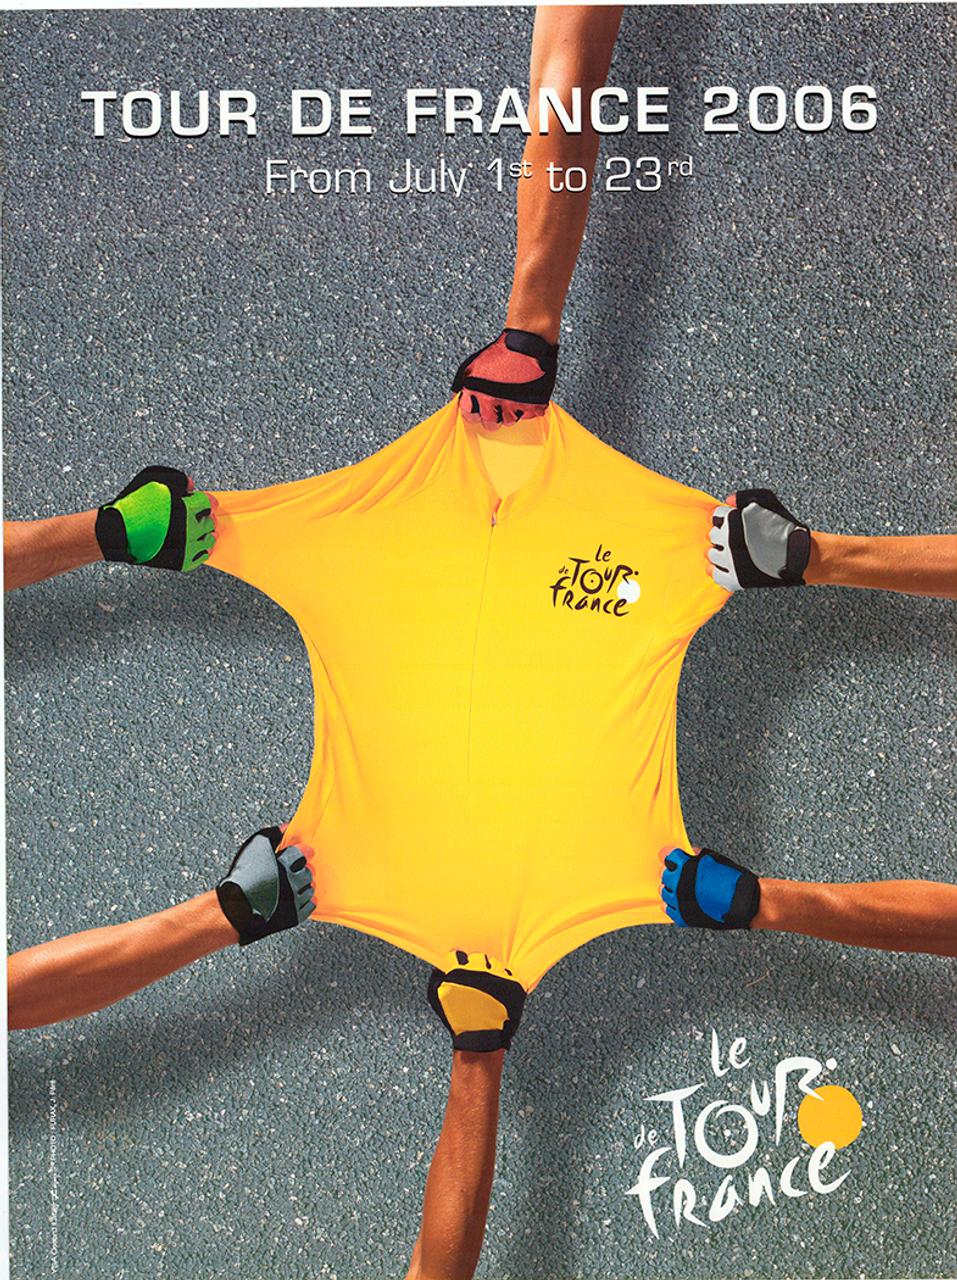 2006 Tour de France Original Vintage Bicycle Poster